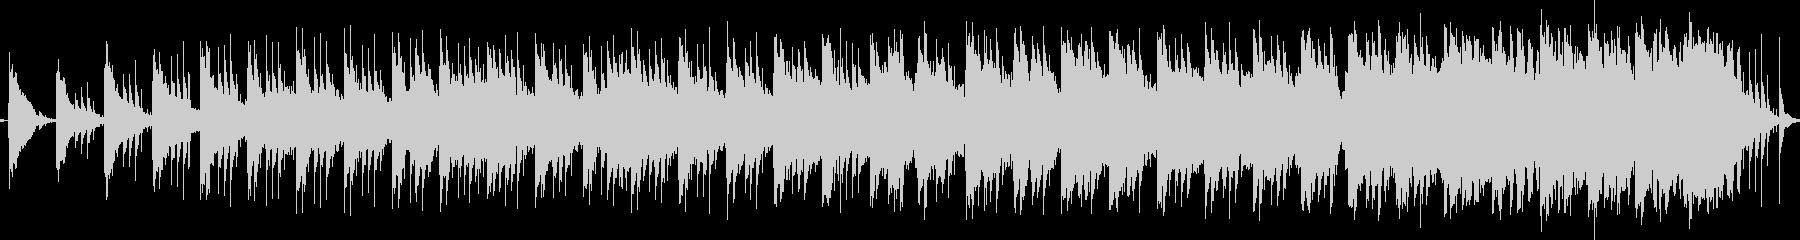 これは、ハンス・ジマーのスタイルで...の未再生の波形